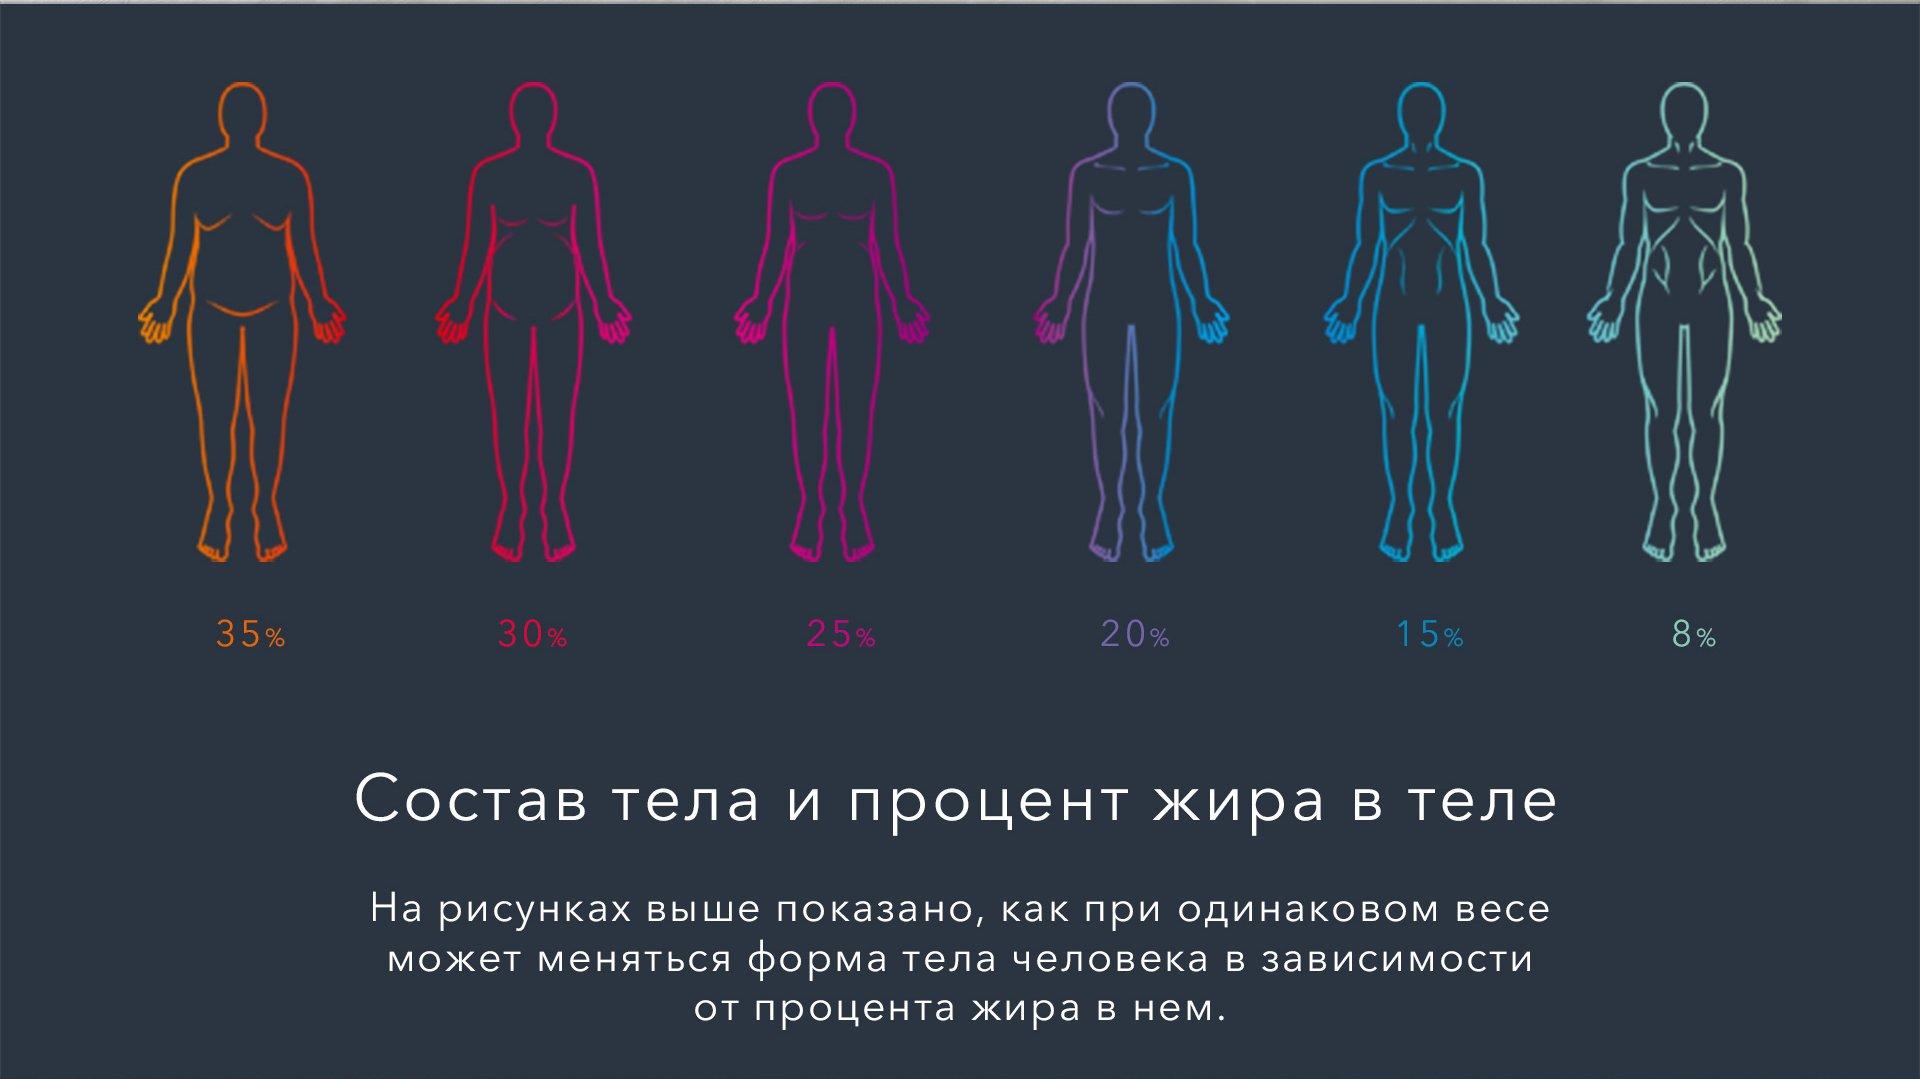 Состав тела. Как определить соотношение жира к мышечной массе?